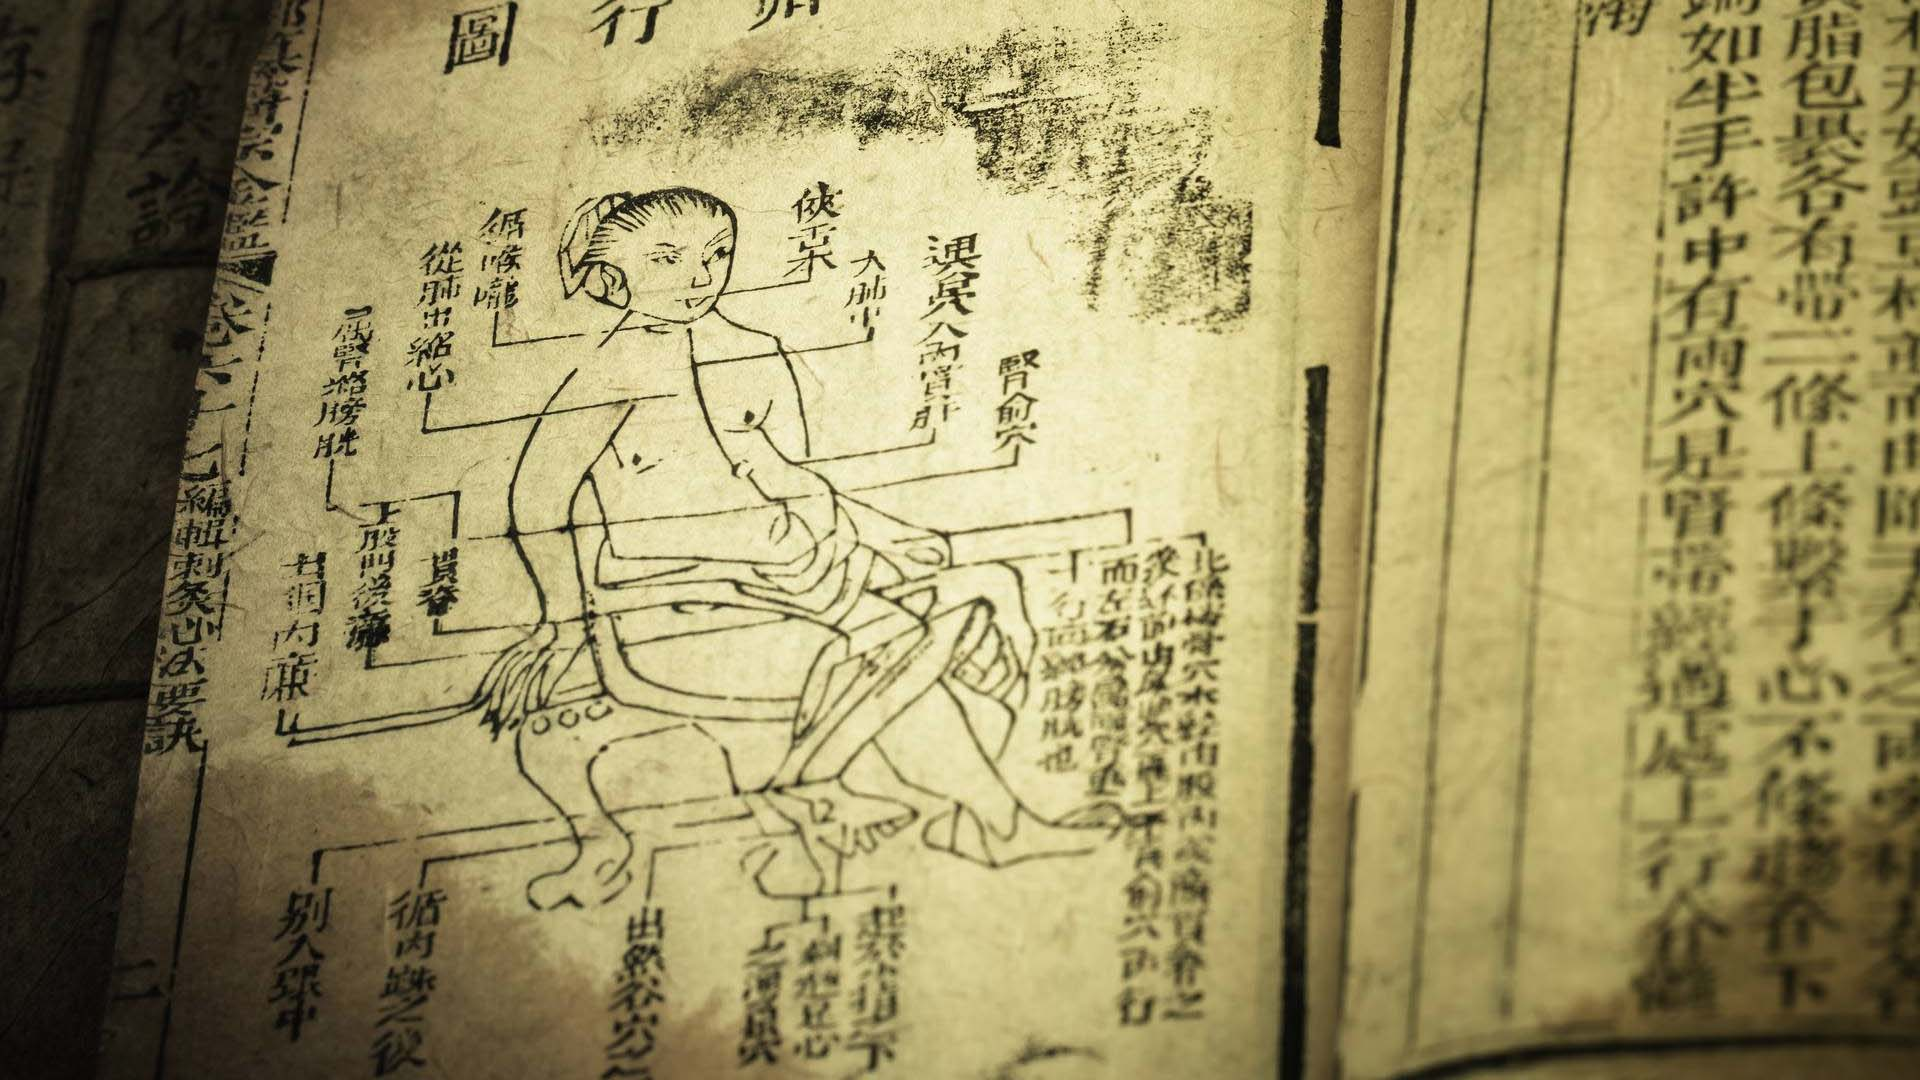 Fang Zhouzi